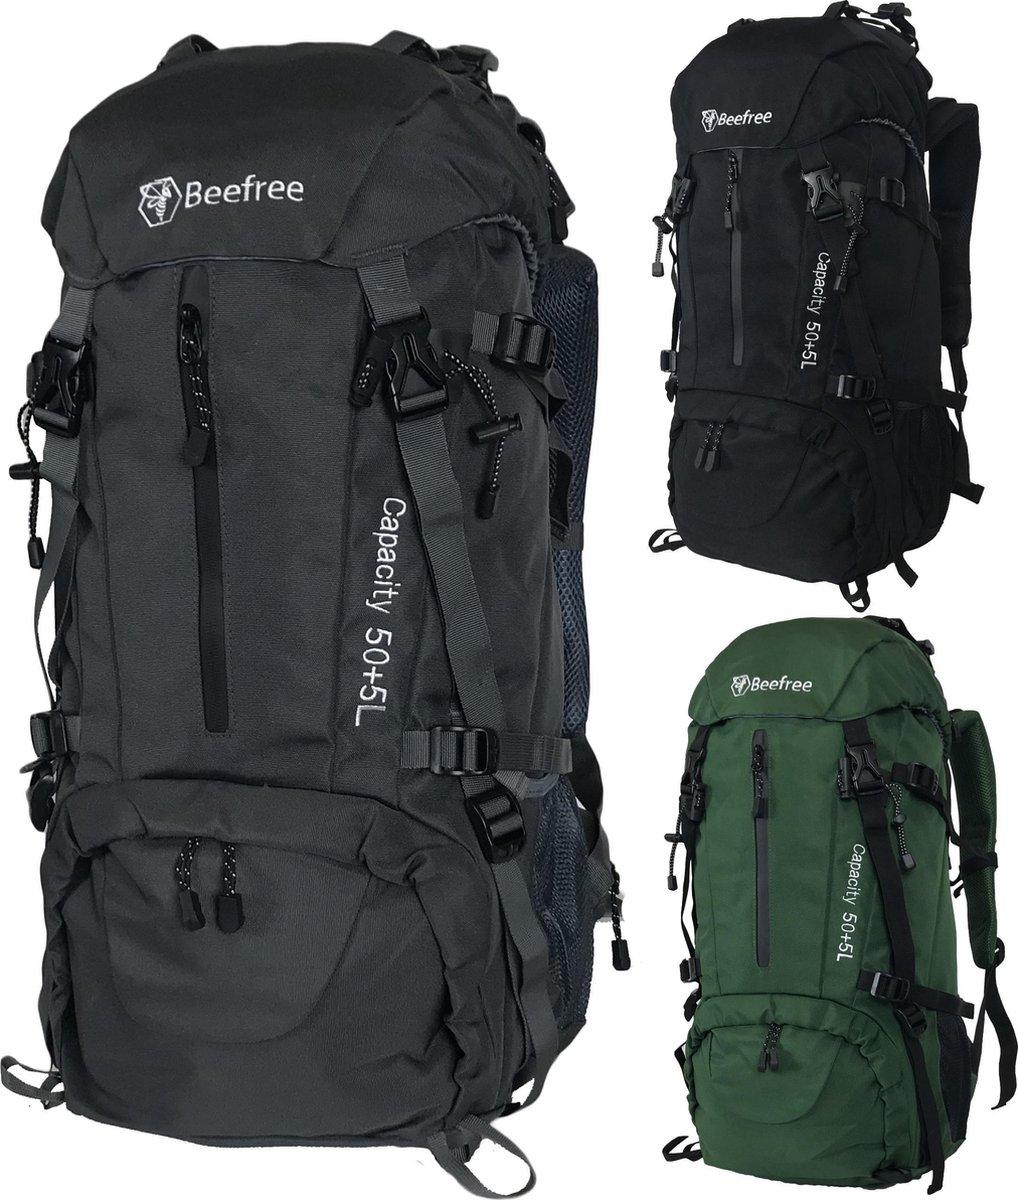 Beefree  Backpack - Rugzak - 55 Liter - Inclusief regenhoes - Grijs